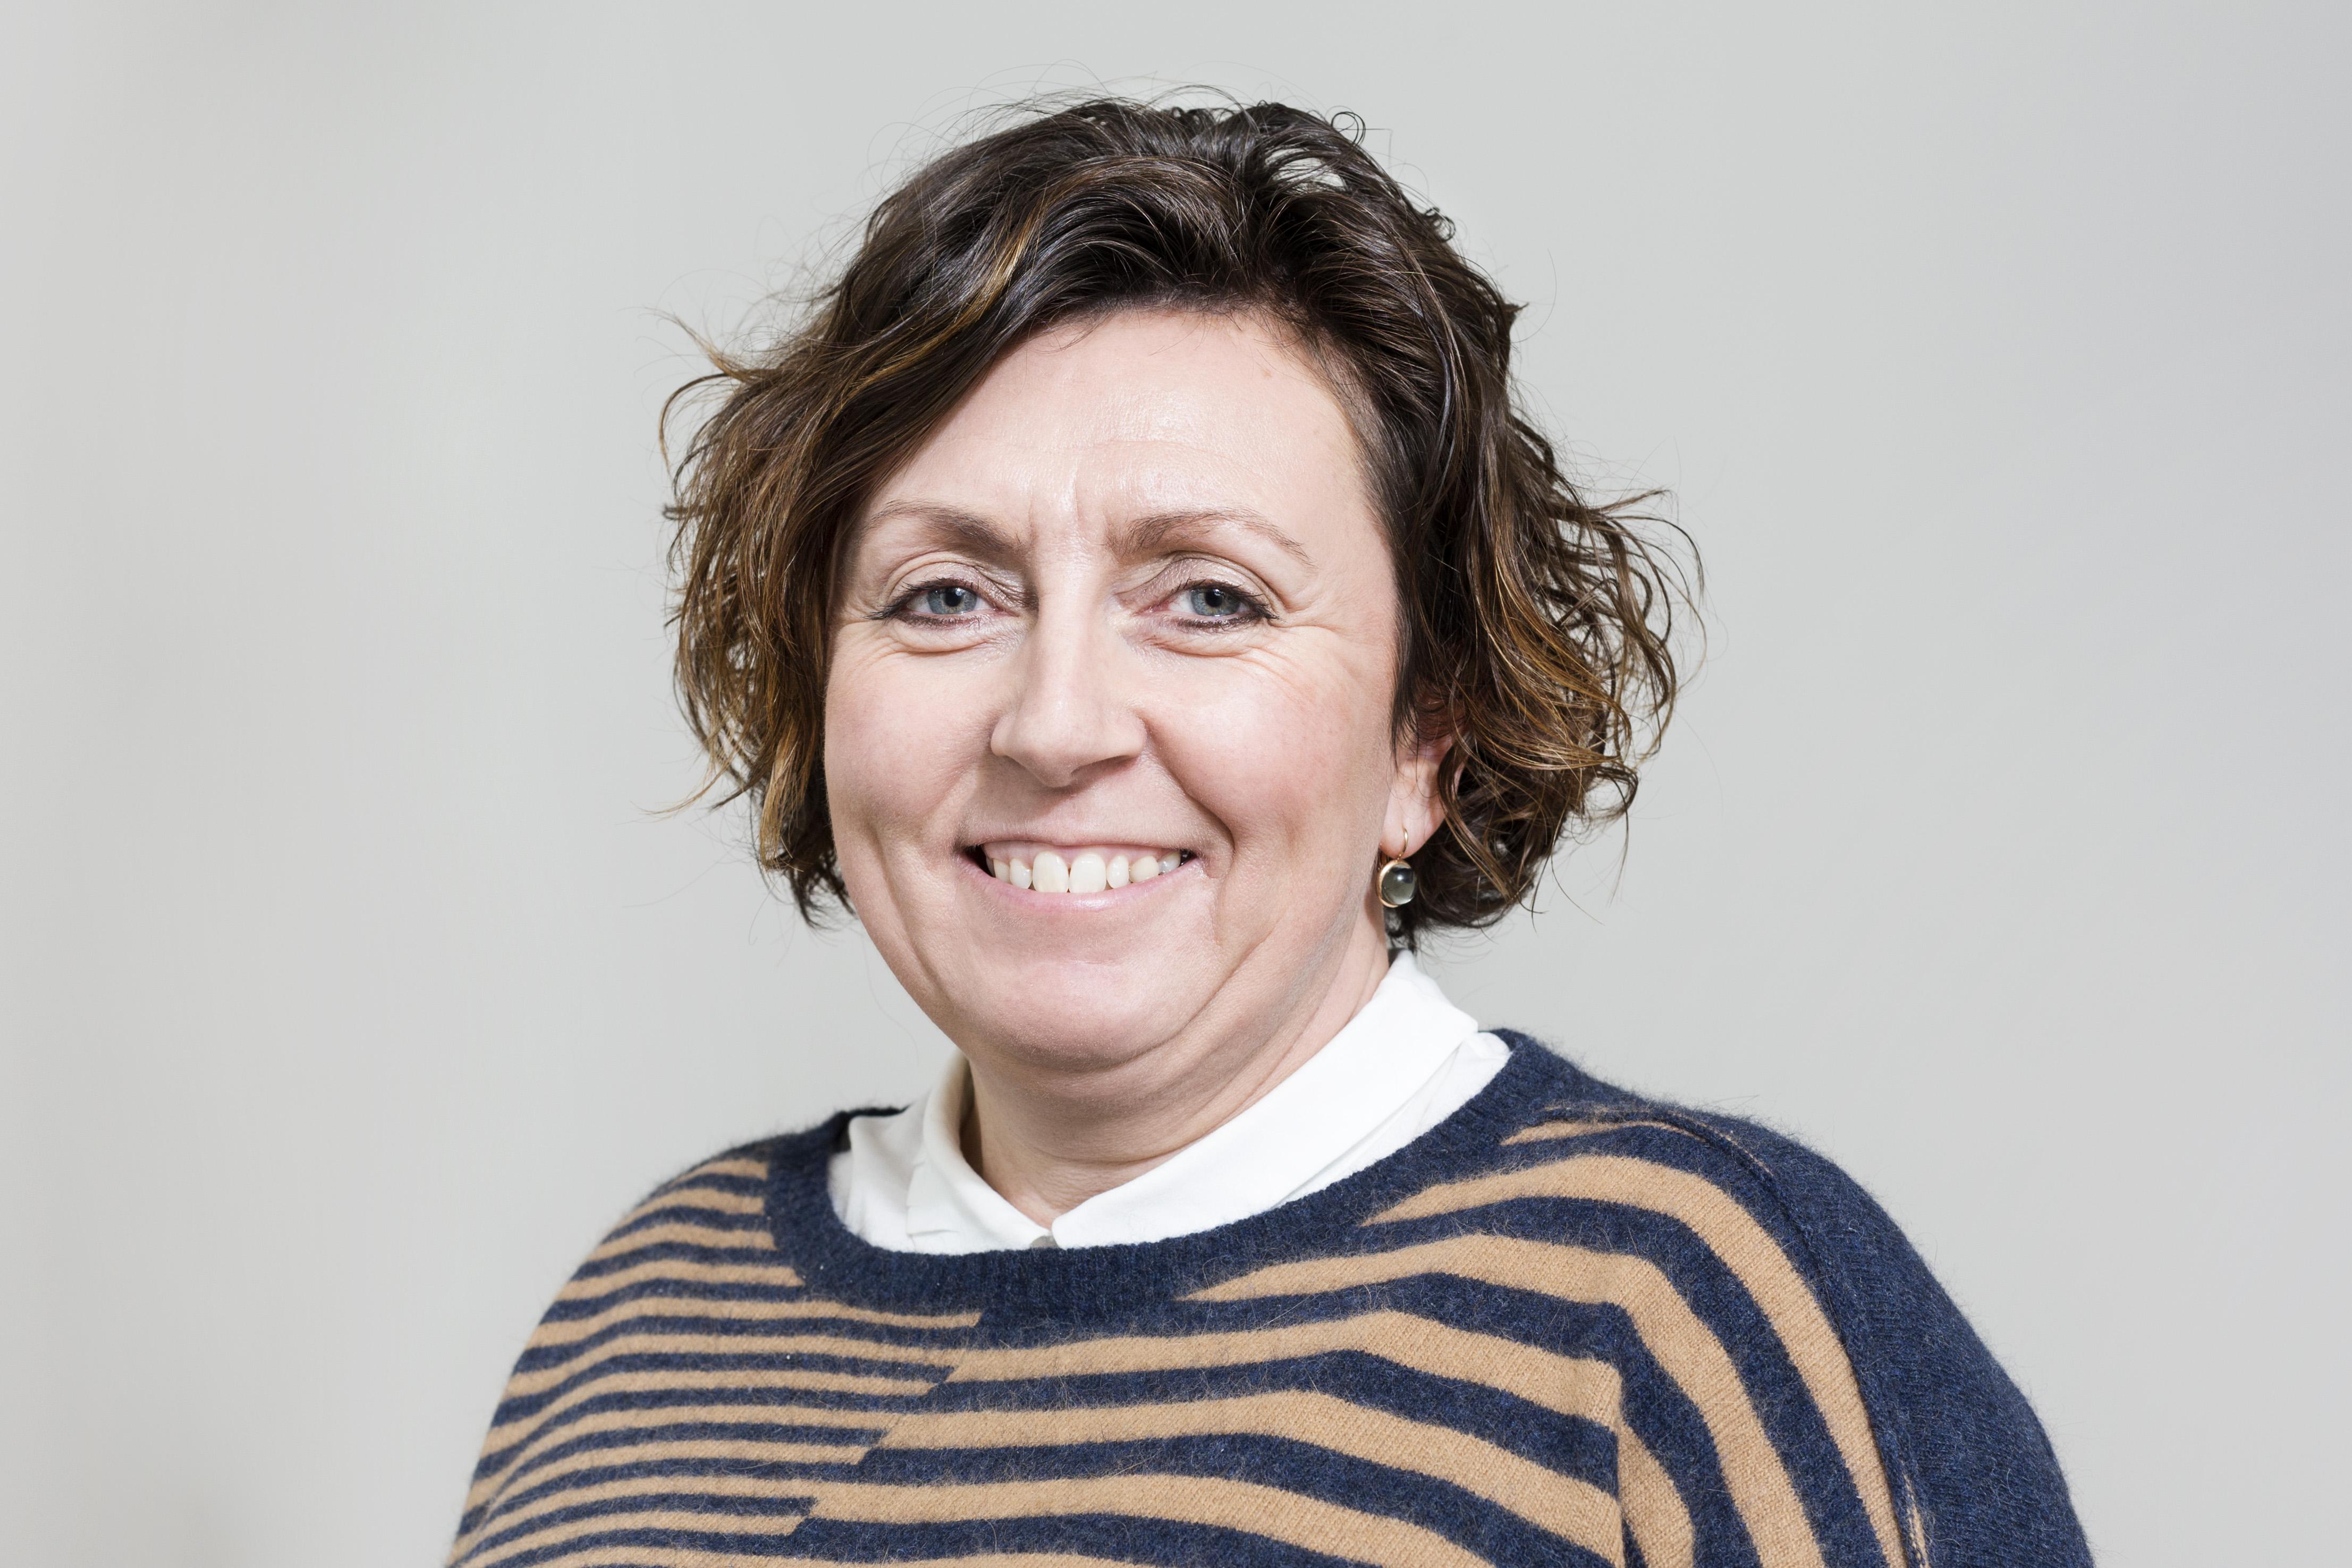 Hellen Maria Vestergaard